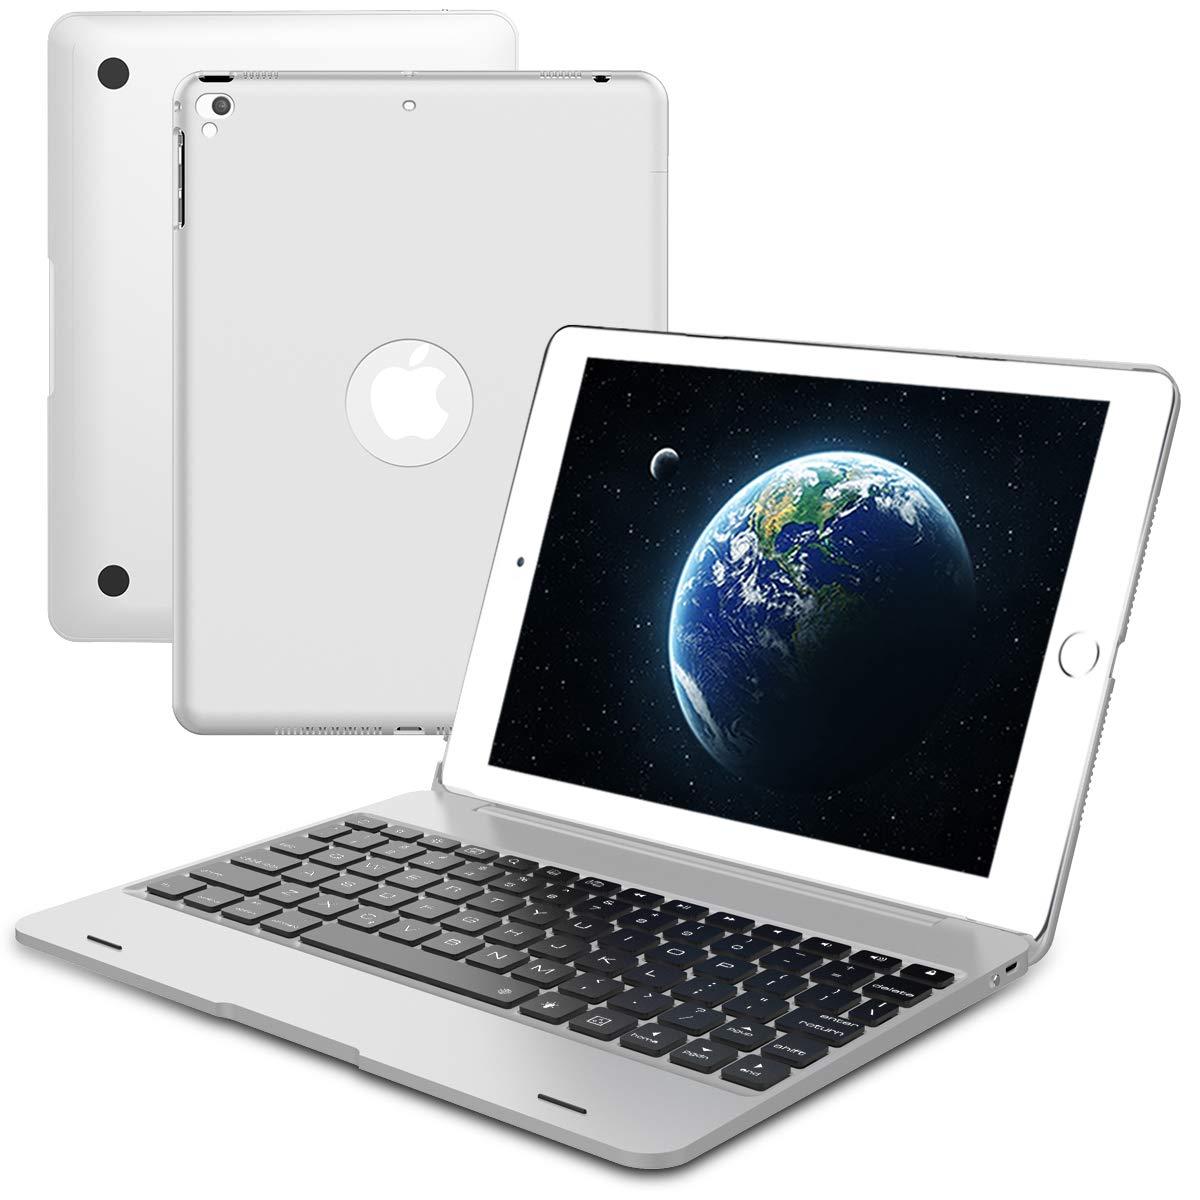 品多く 2018 New iPad 合う シェル New - スマートフォンケース バックケース Silver バックケース [ スリム 合う ] 重い 義務 保護 バックケース カバー スマートフォンケース シェル の 2018 New iPad - Silver Silver B07L3T8FCS, ヨイタマチ:62a8df5f --- a0267596.xsph.ru